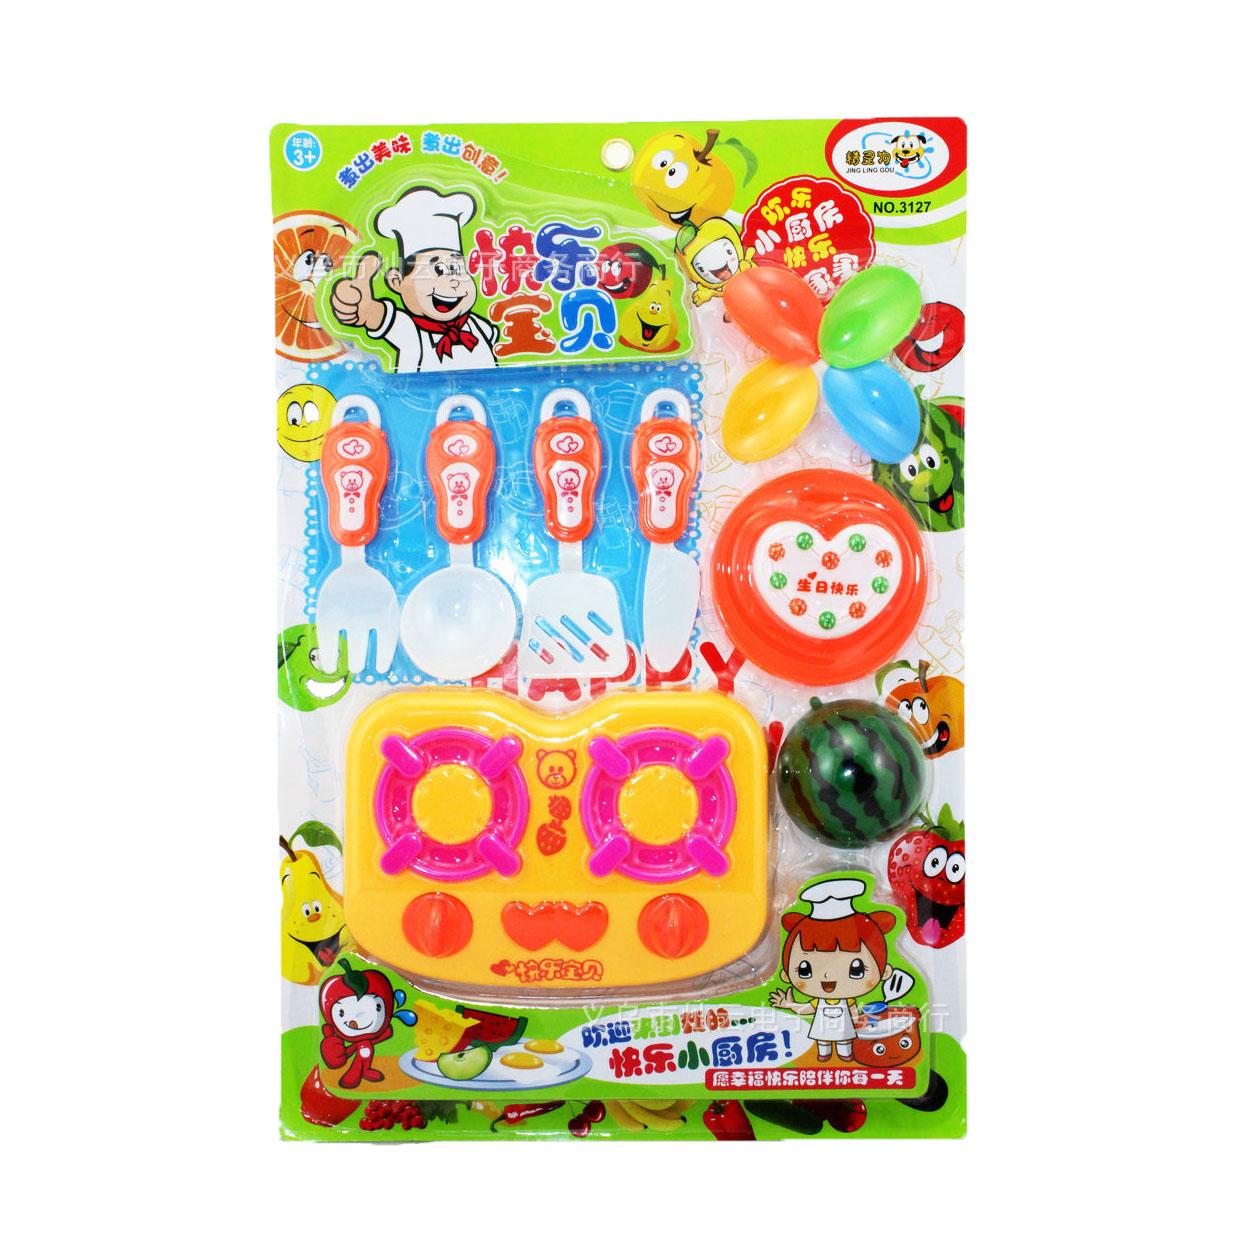 caliente vajilla utensilios de cocina cocinero play nios nios educativo juego de imaginacin juguete